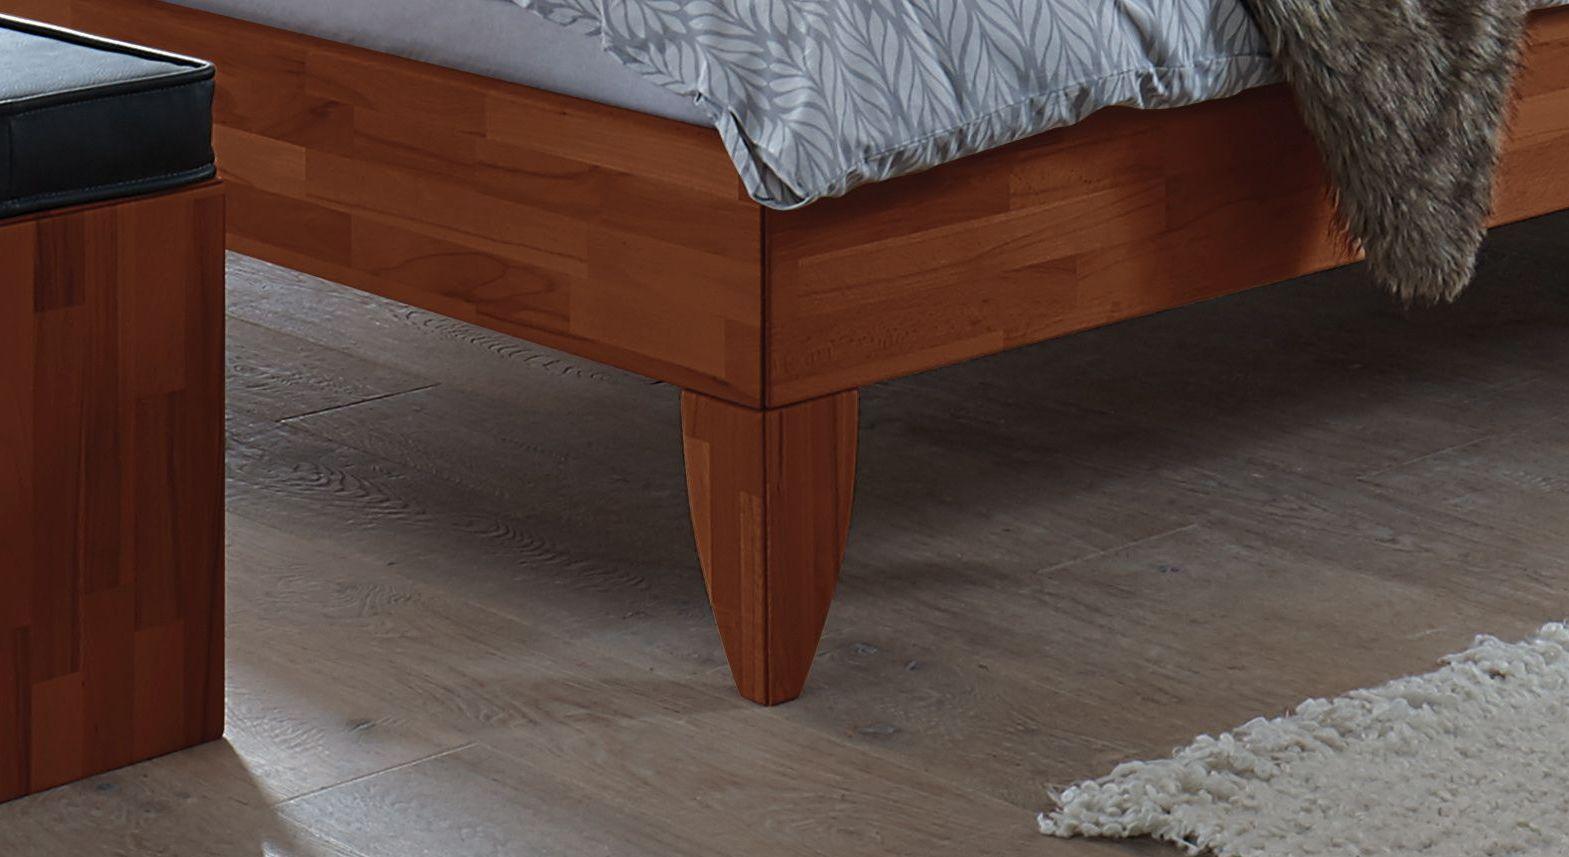 Bett Fontana mit Bettbeinen aus Massivholz